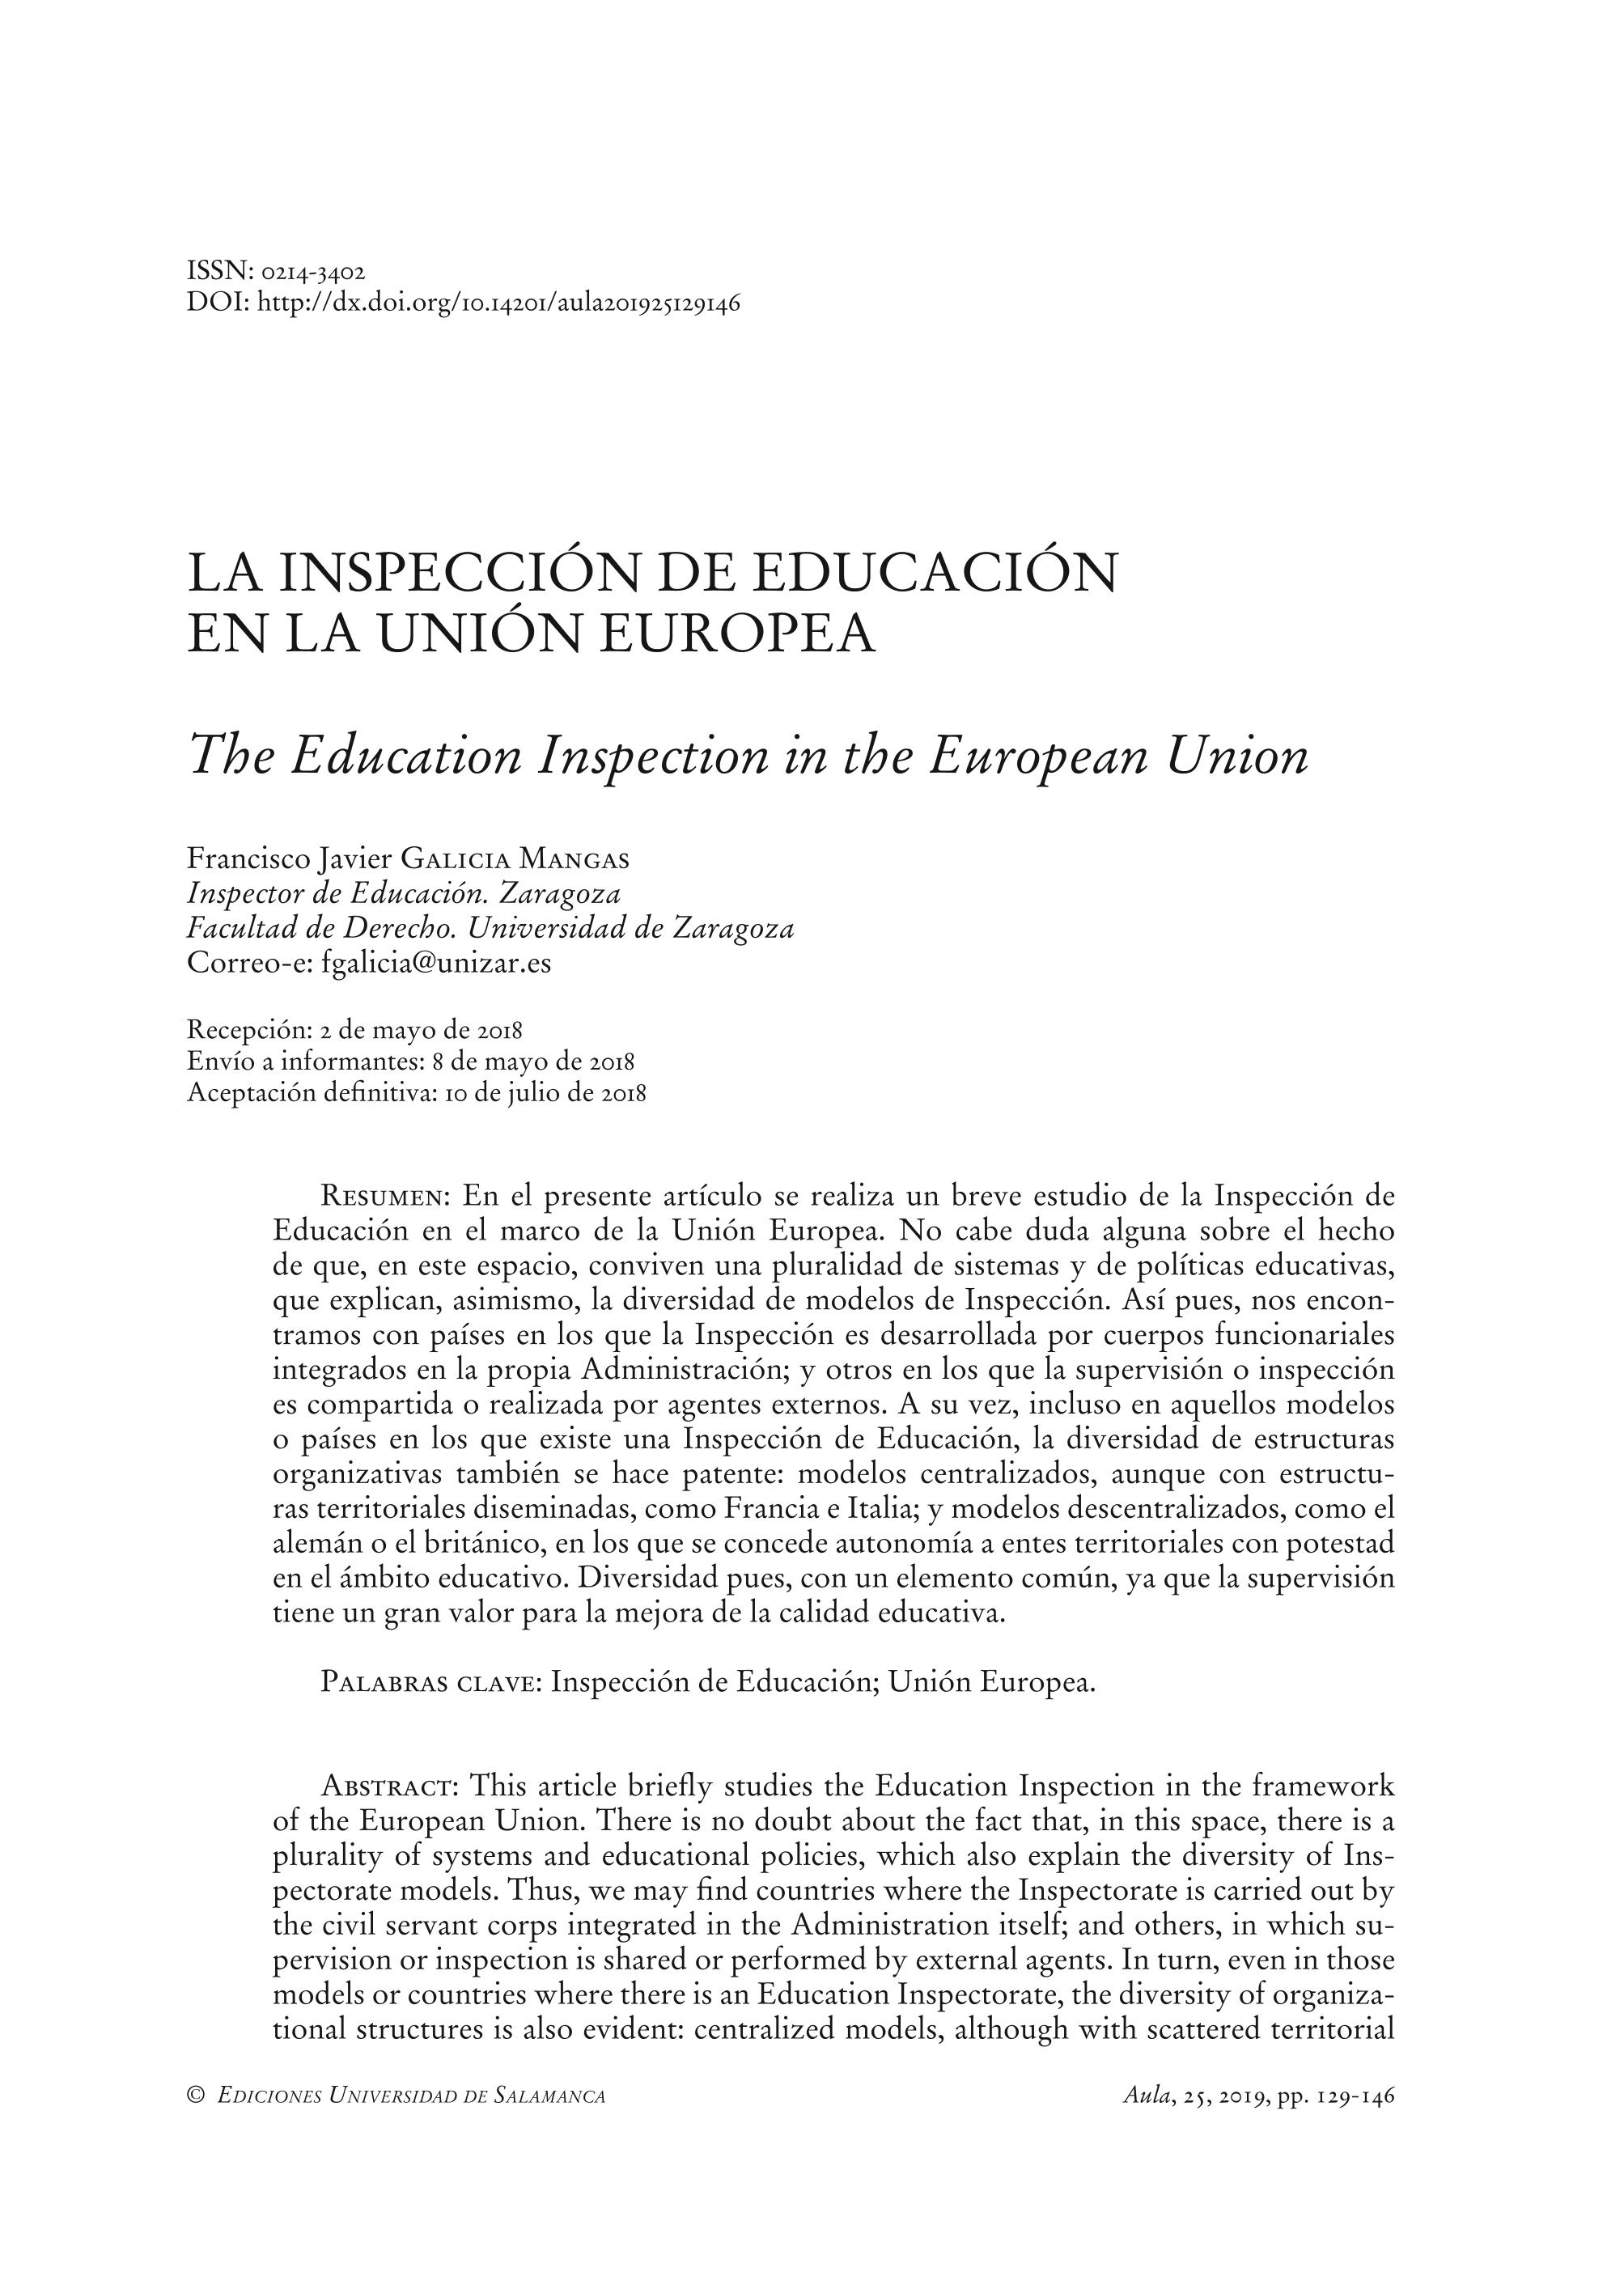 La inspección de educación en la Unión Europea